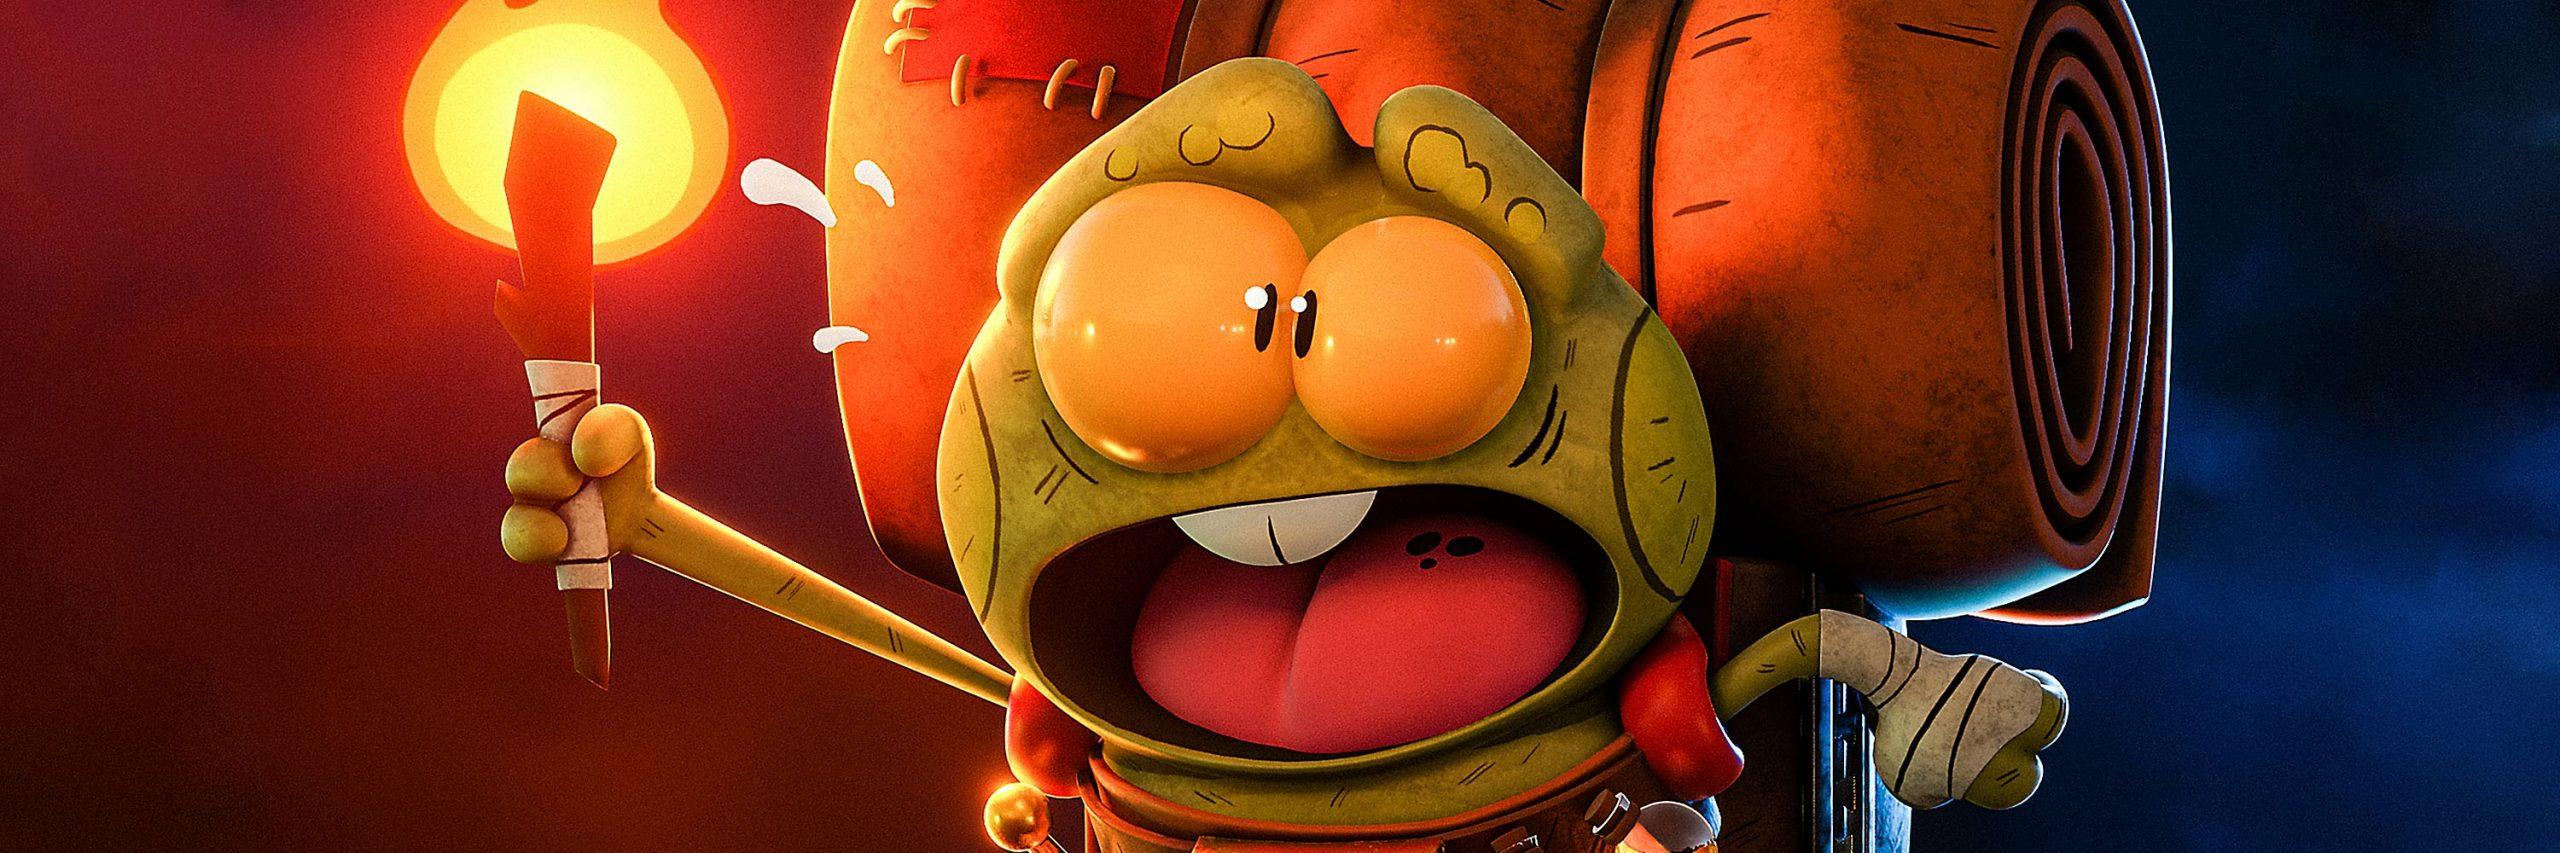 grog the adventurer header image